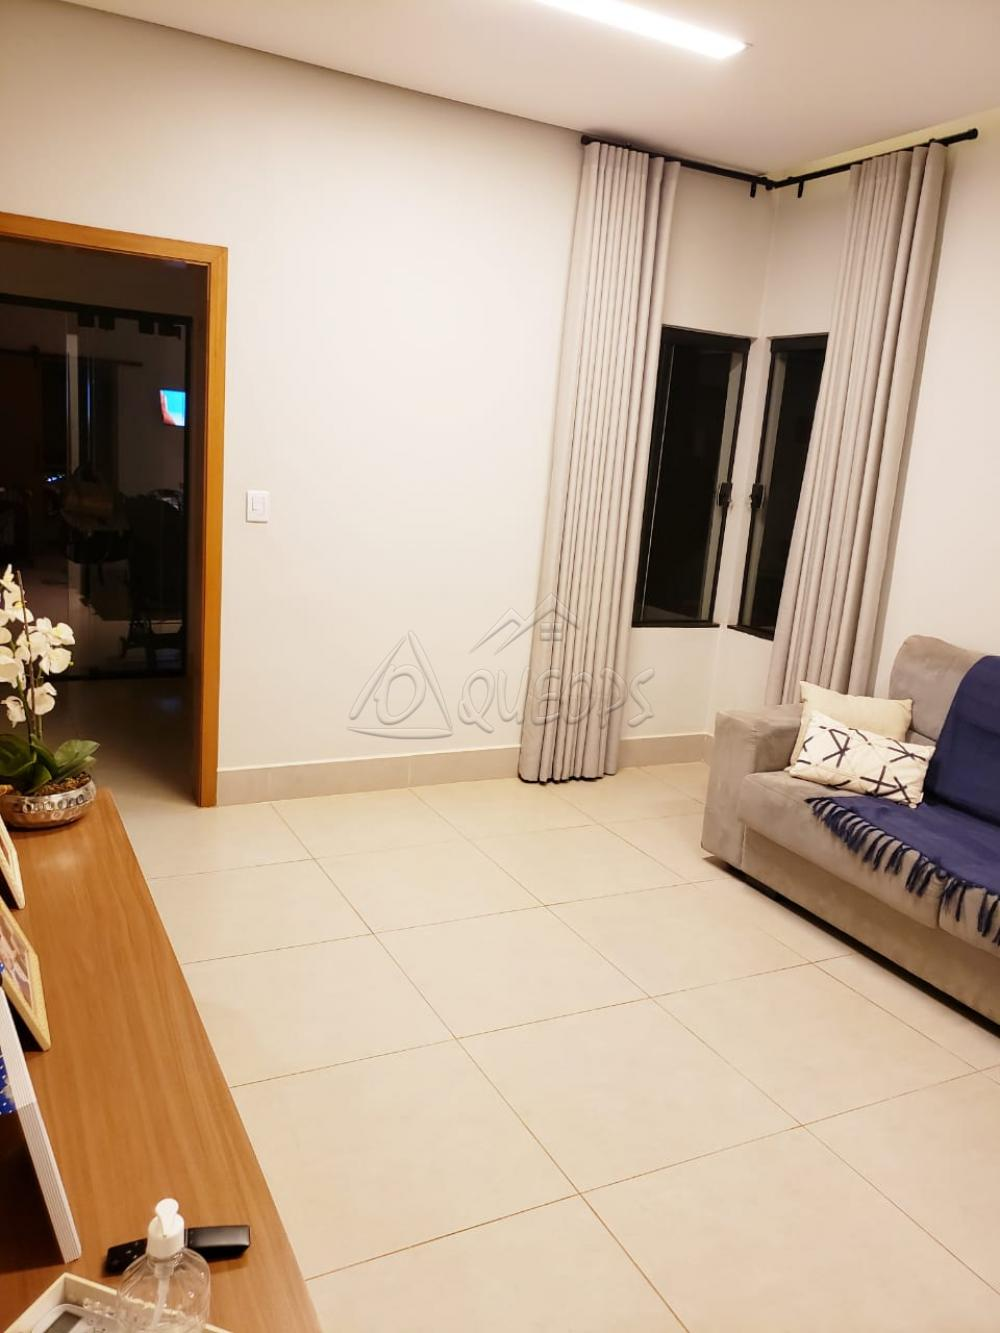 Comprar Casa / Padrão em Barretos apenas R$ 370.000,00 - Foto 2